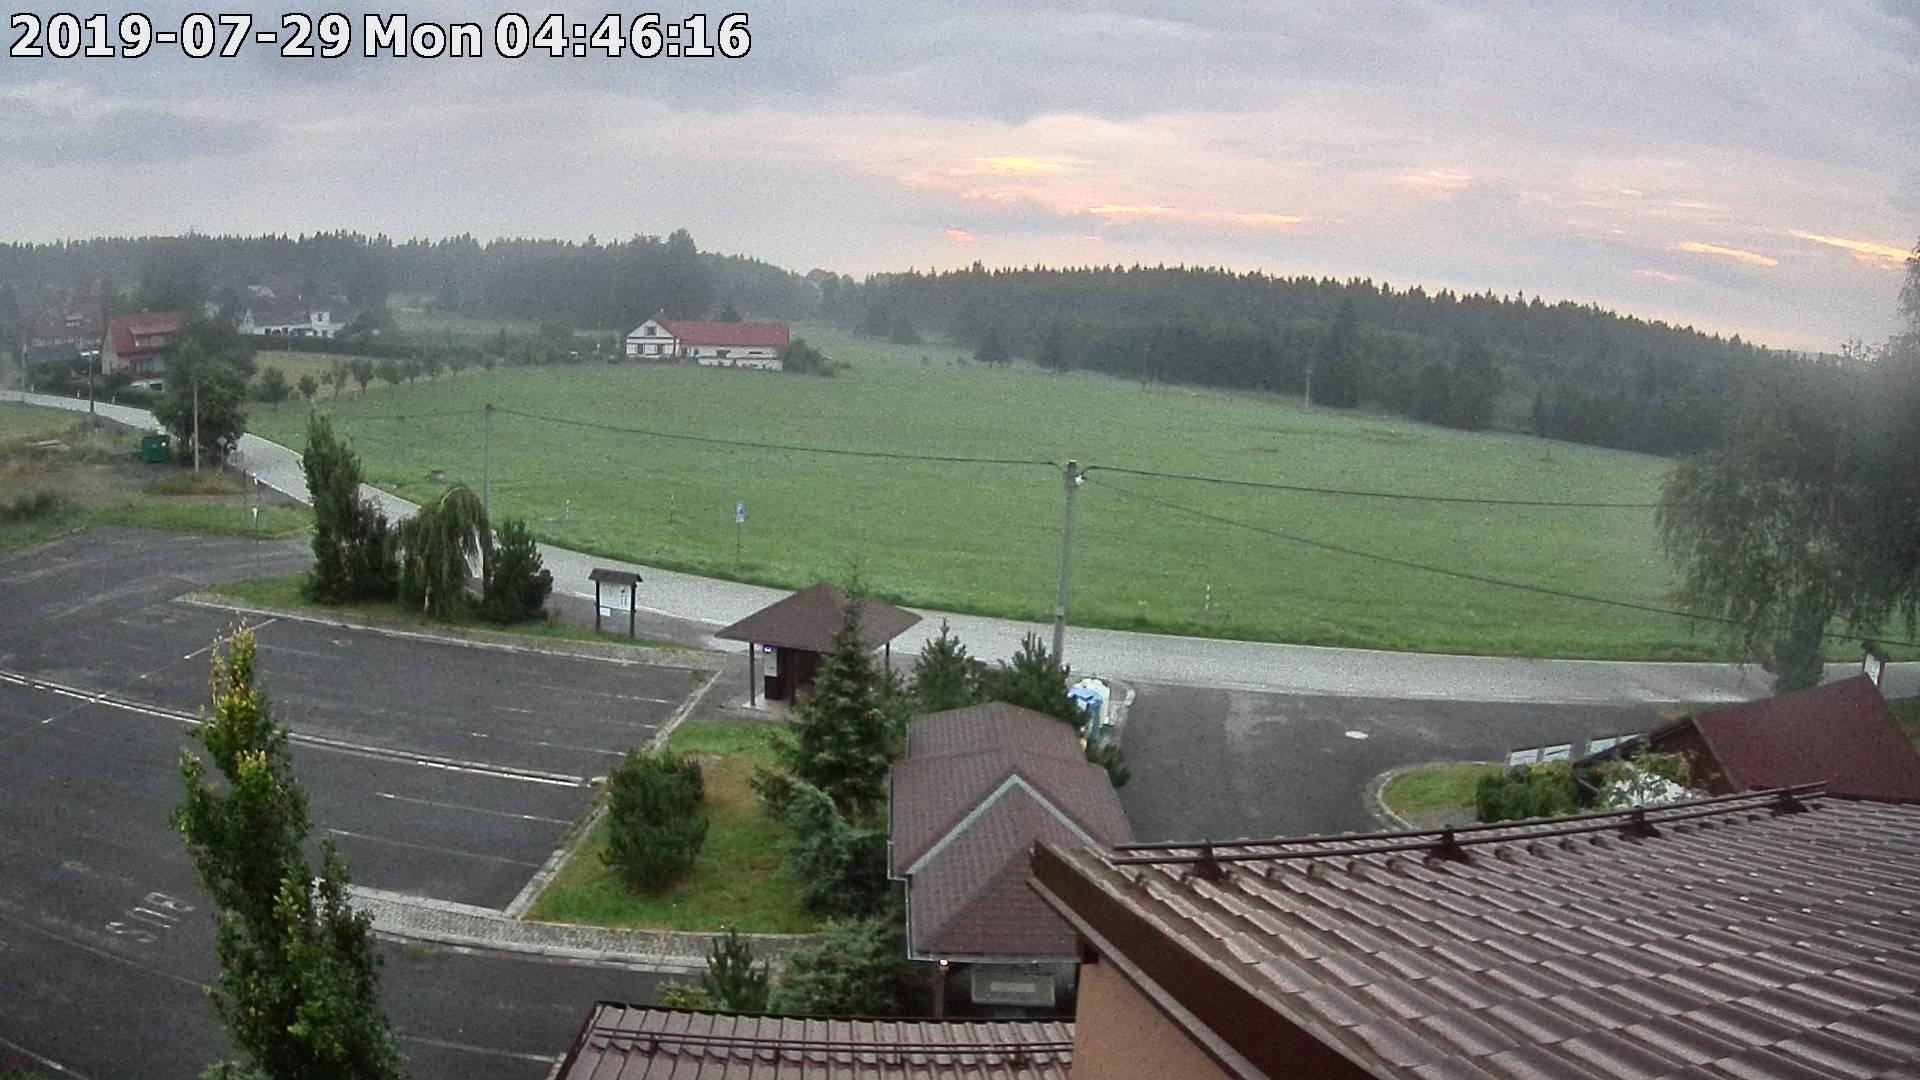 Webkamera ze dne 2019-07-29